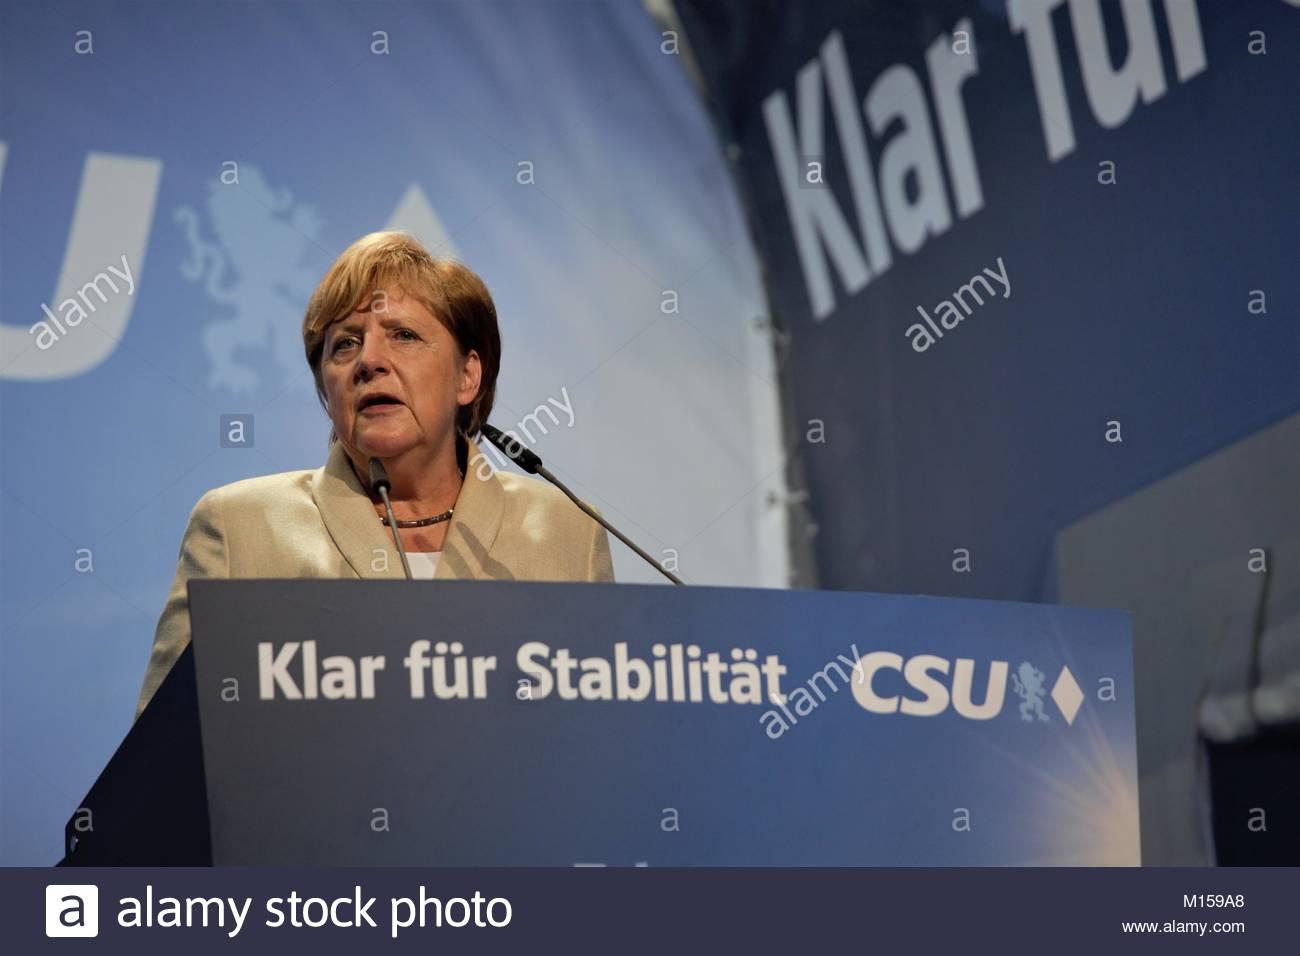 Erlangen Allemagne, le 30 août 2017. Angela Merkel la parole lors d'un événement en Allemagne Photo Stock